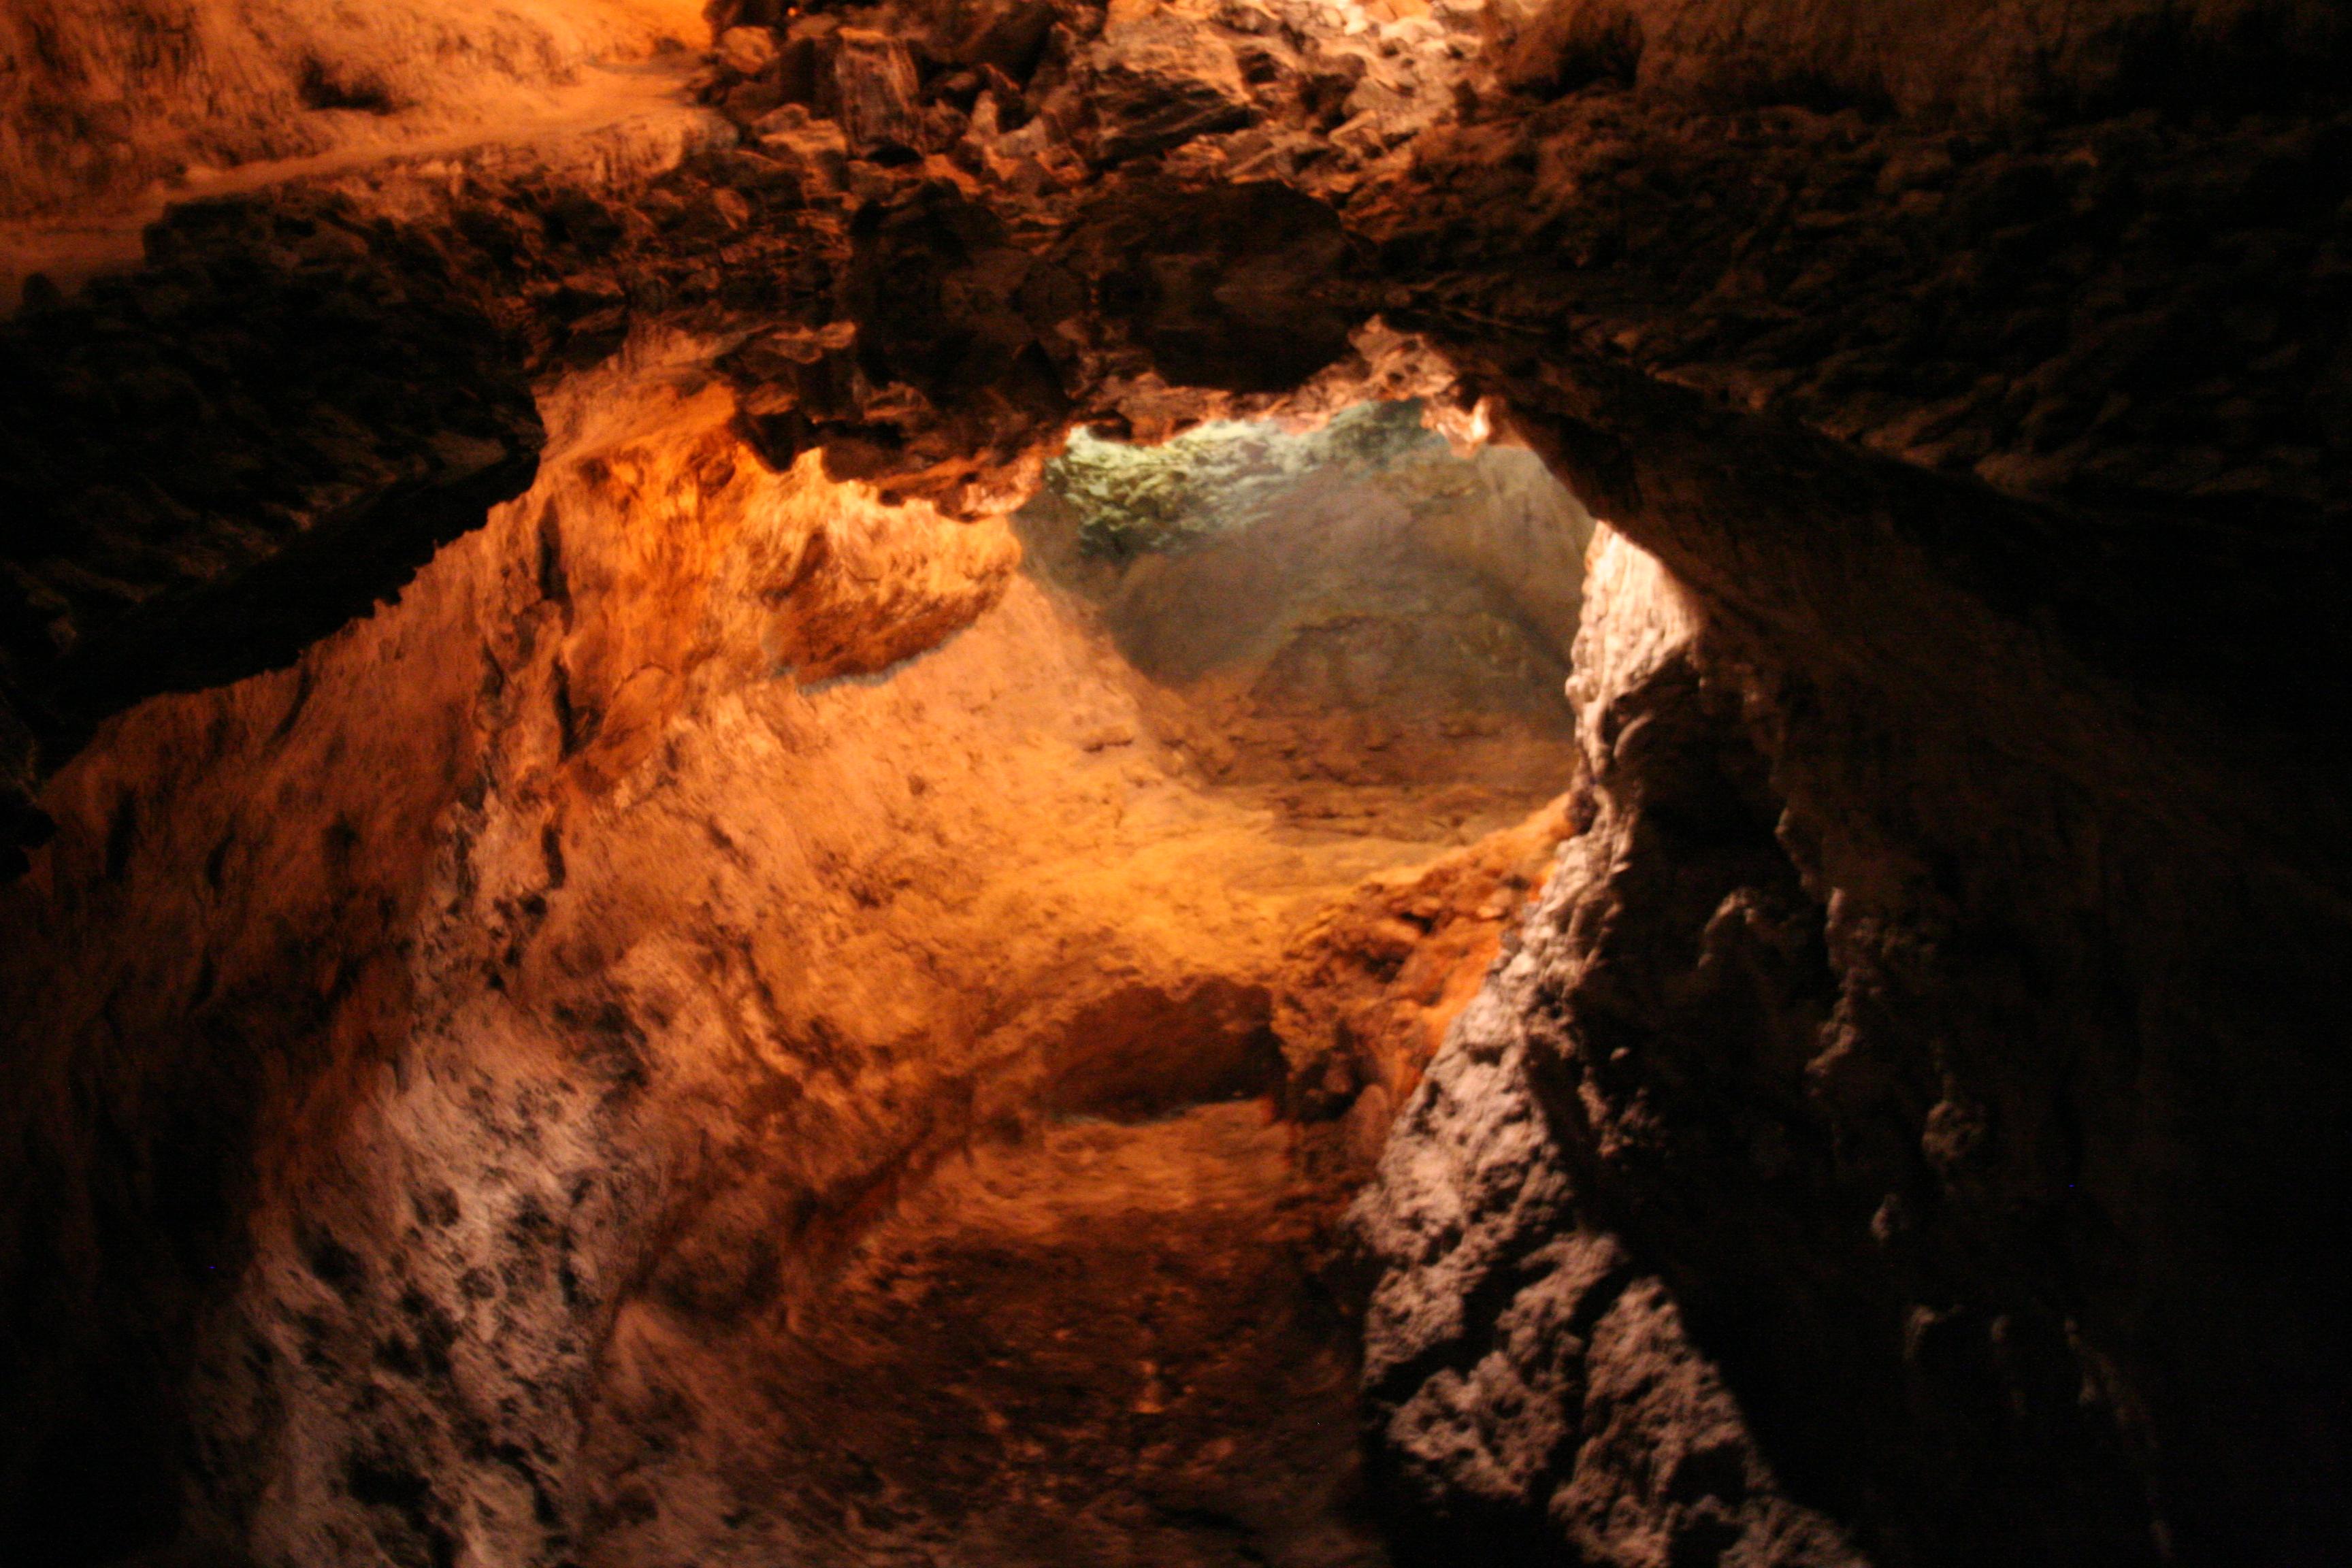 File:Lanzarote Cueva de los verdes Juli 2007.jpg - Wikimedia Commons